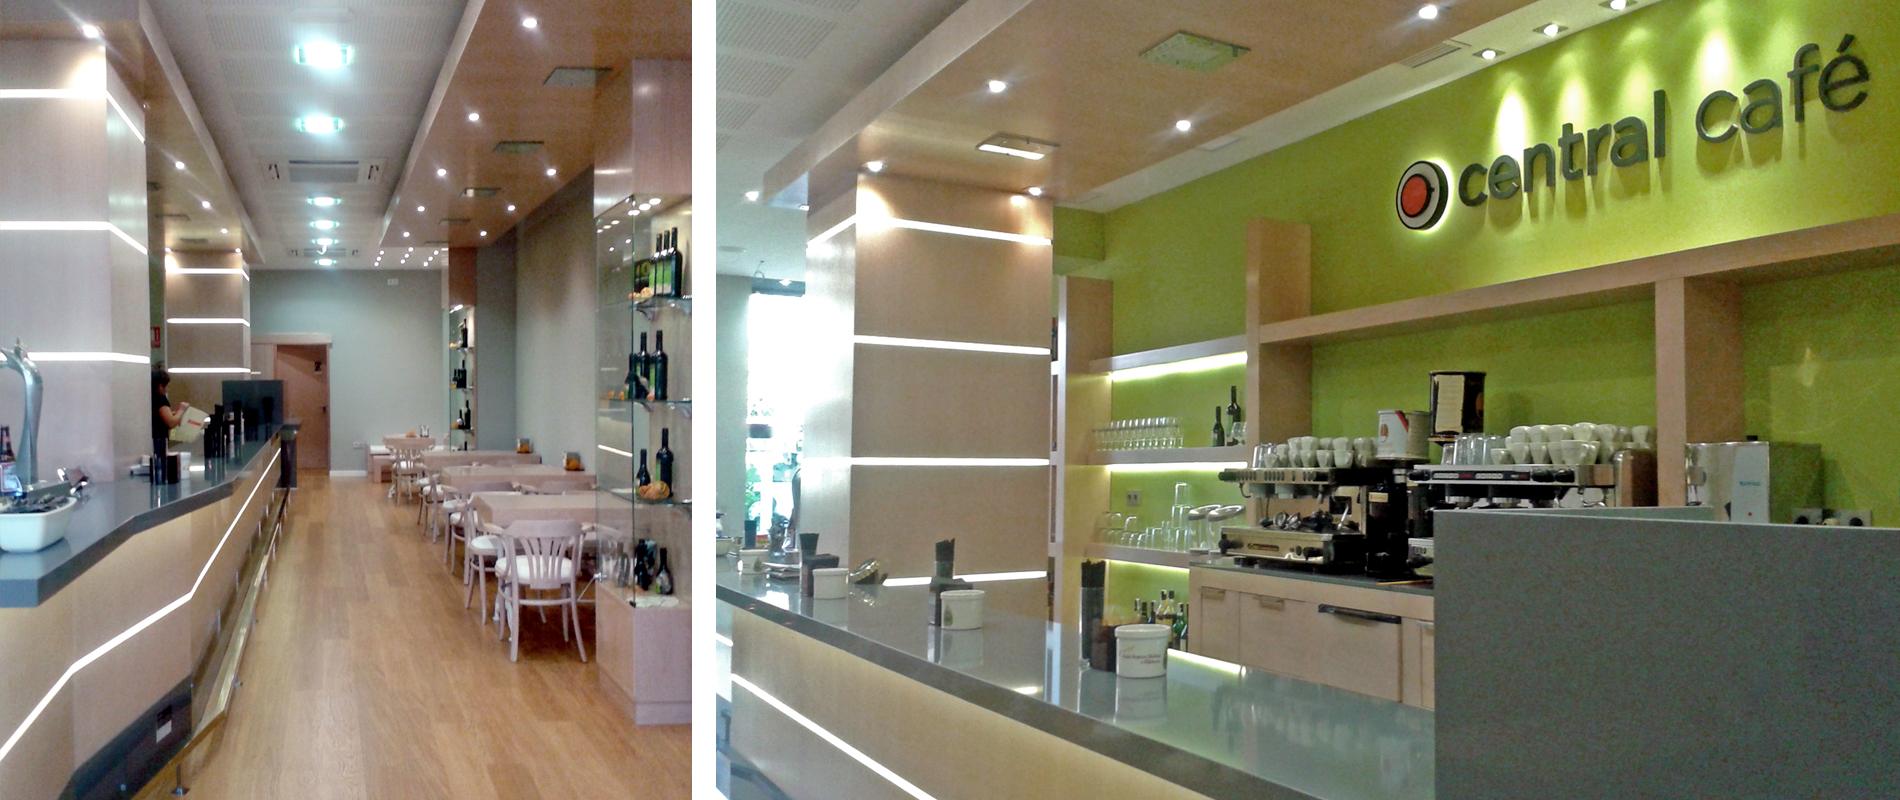 ROOM CENTRAL CAFE